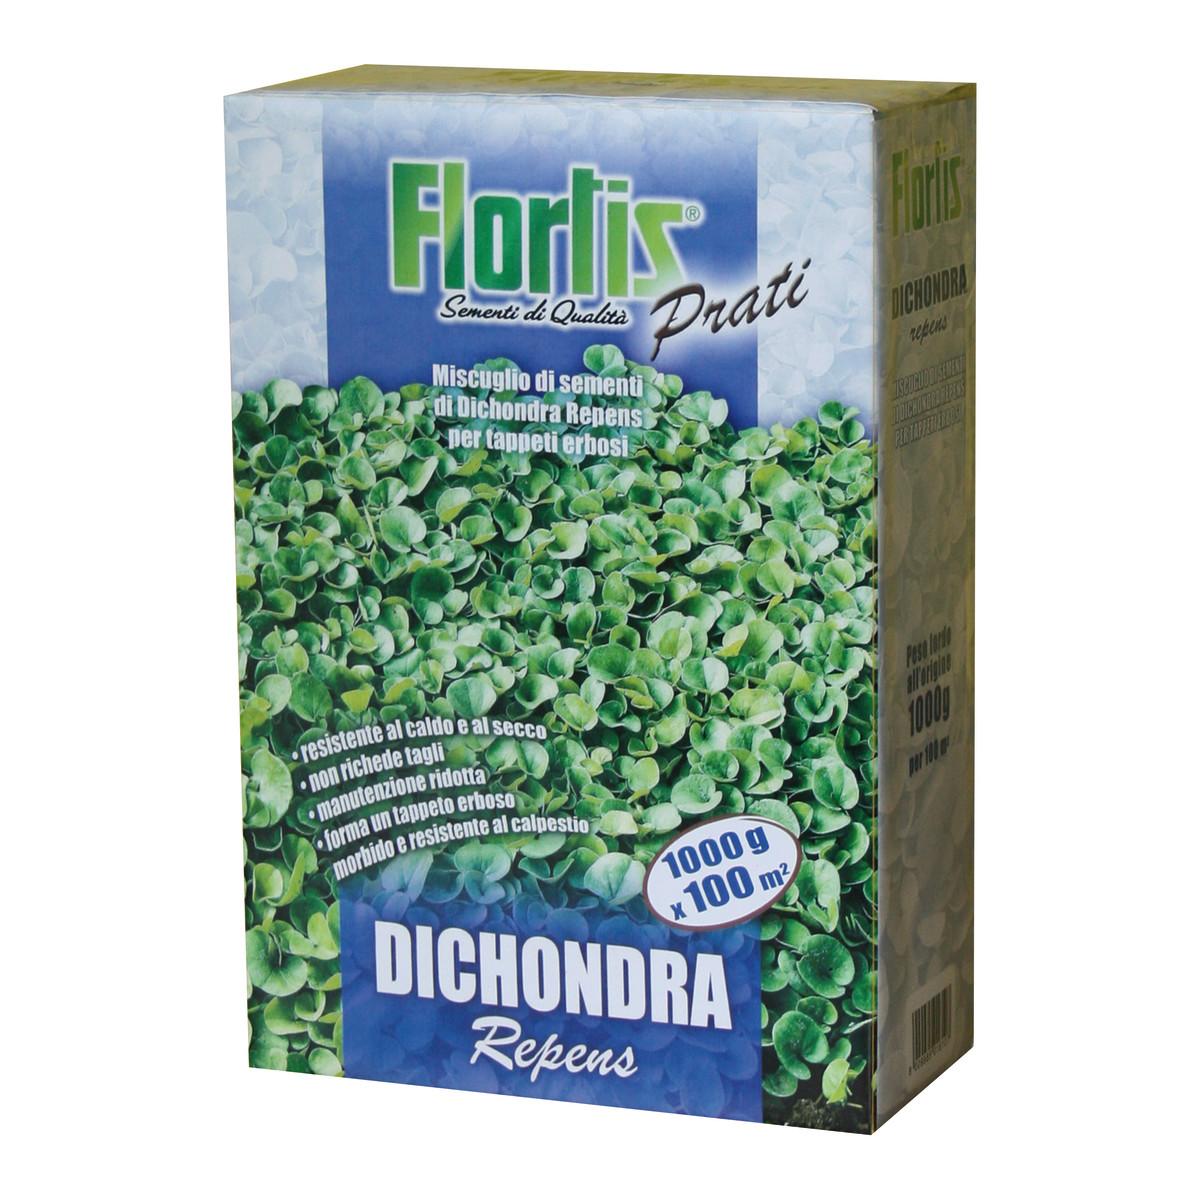 Semi per prato dichondra repens flortis 1 kg prezzi e for Prato a rotoli leroy merlin